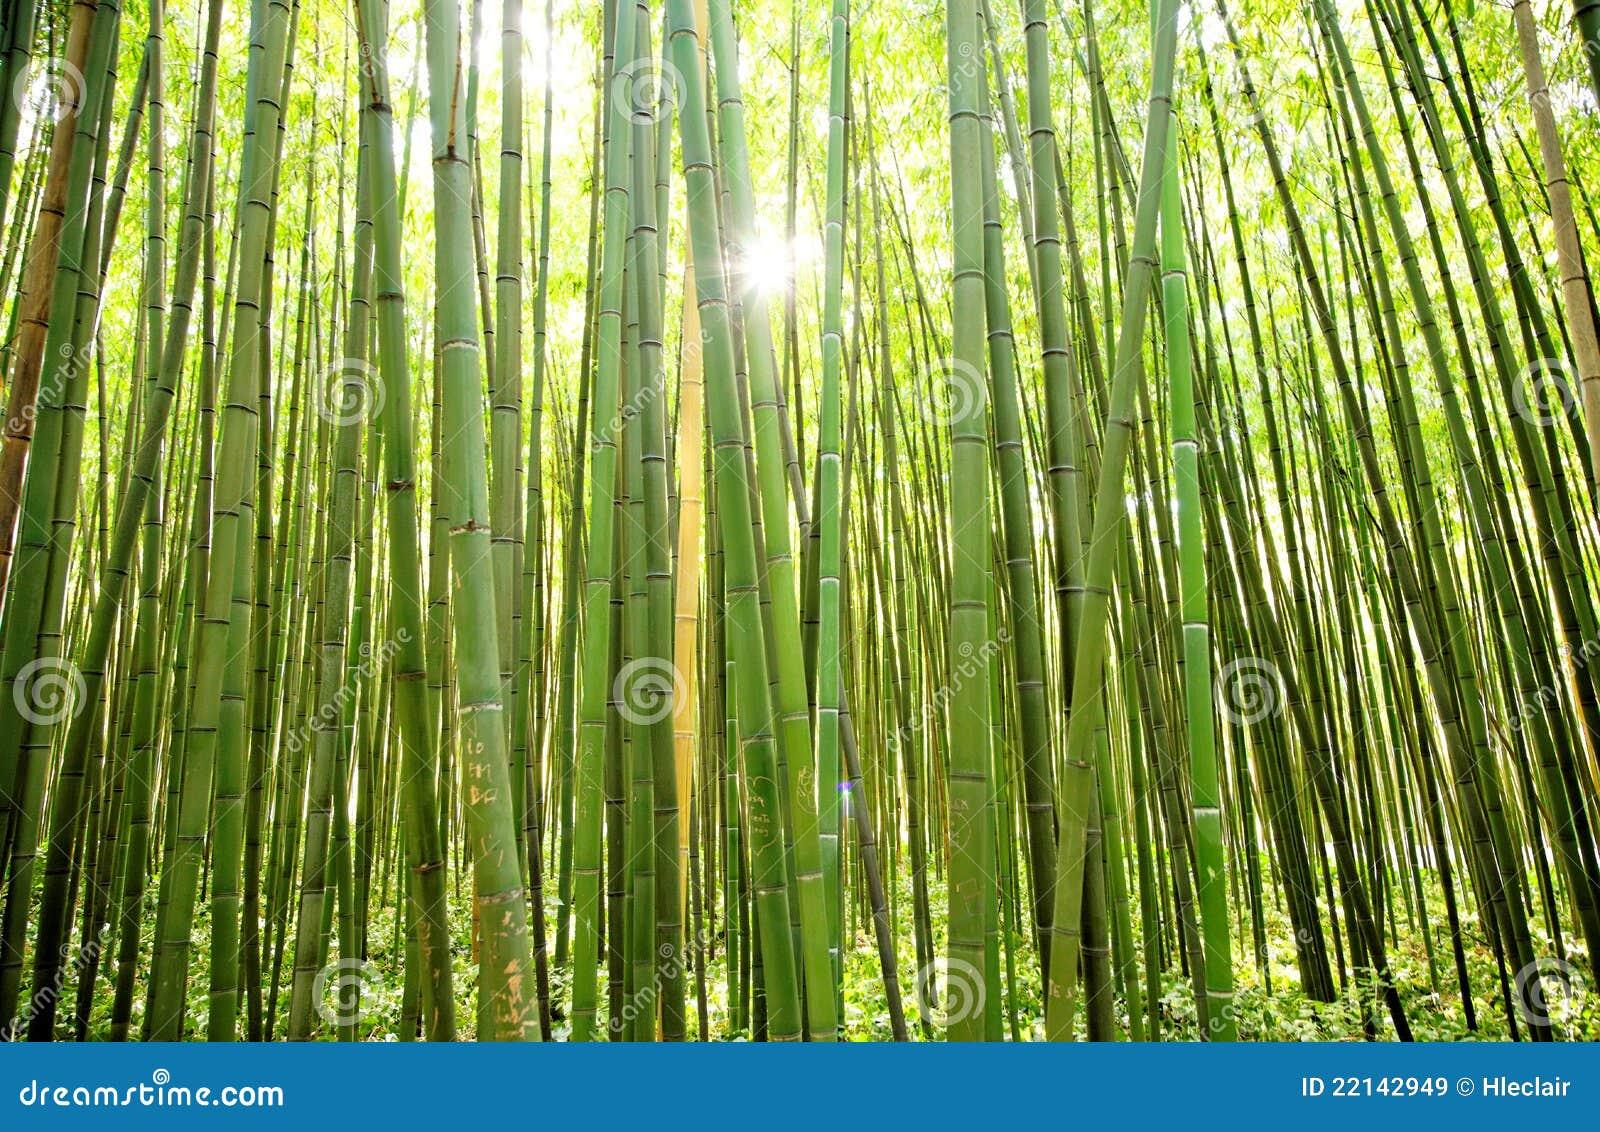 sun shining through a curtain of bamboos